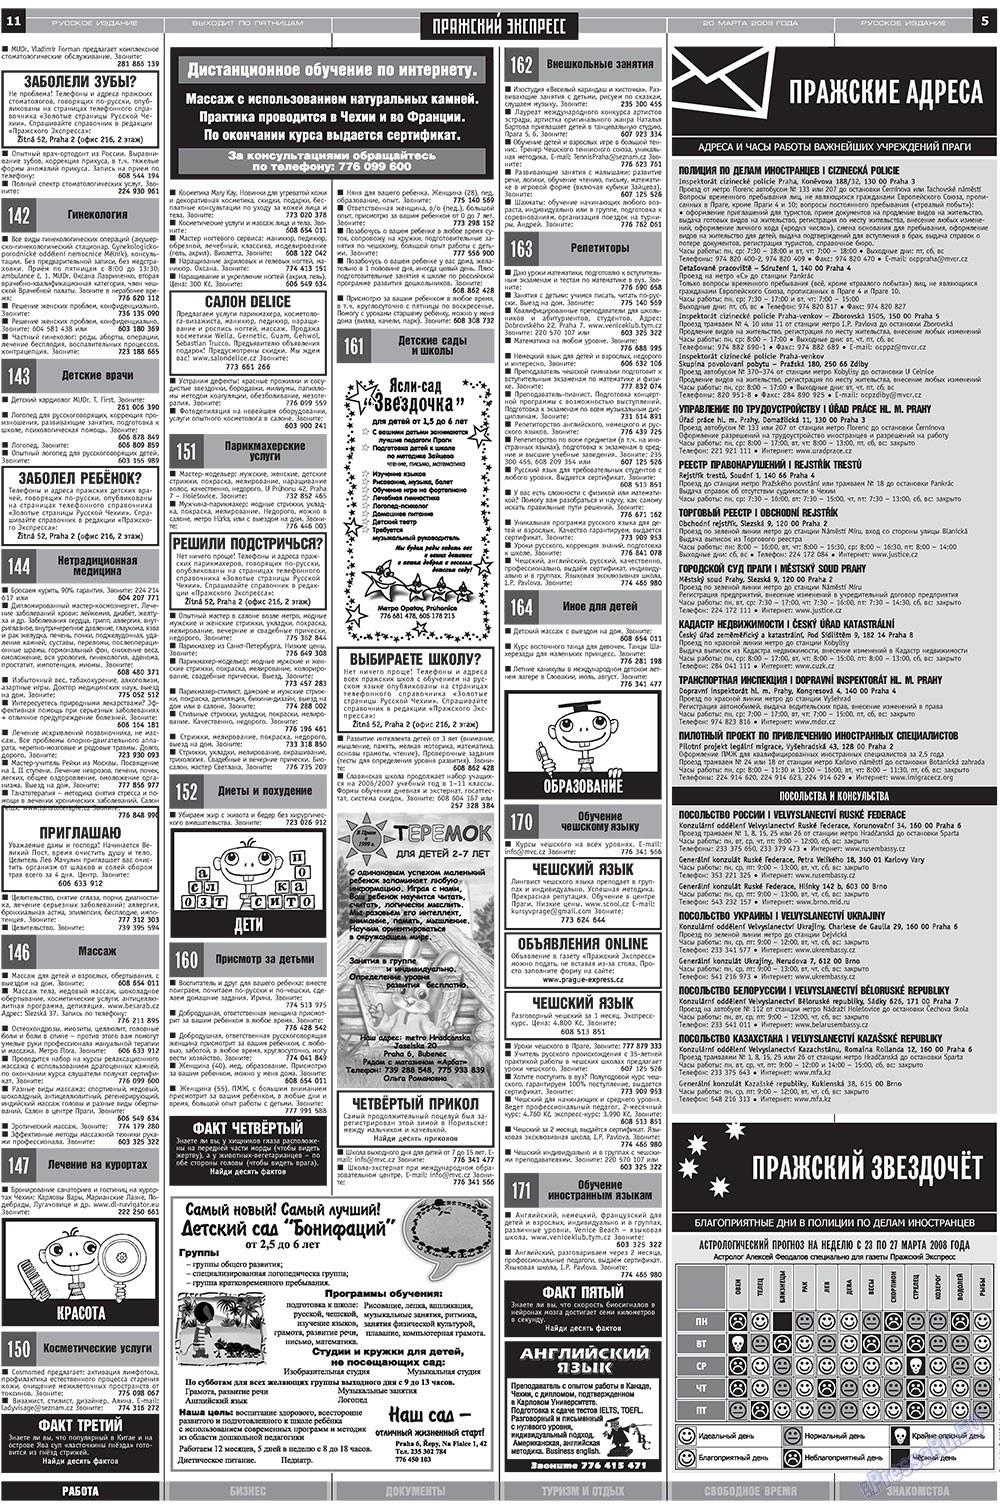 Пражский экспресс (газета). 2009 год, номер 11, стр. 5